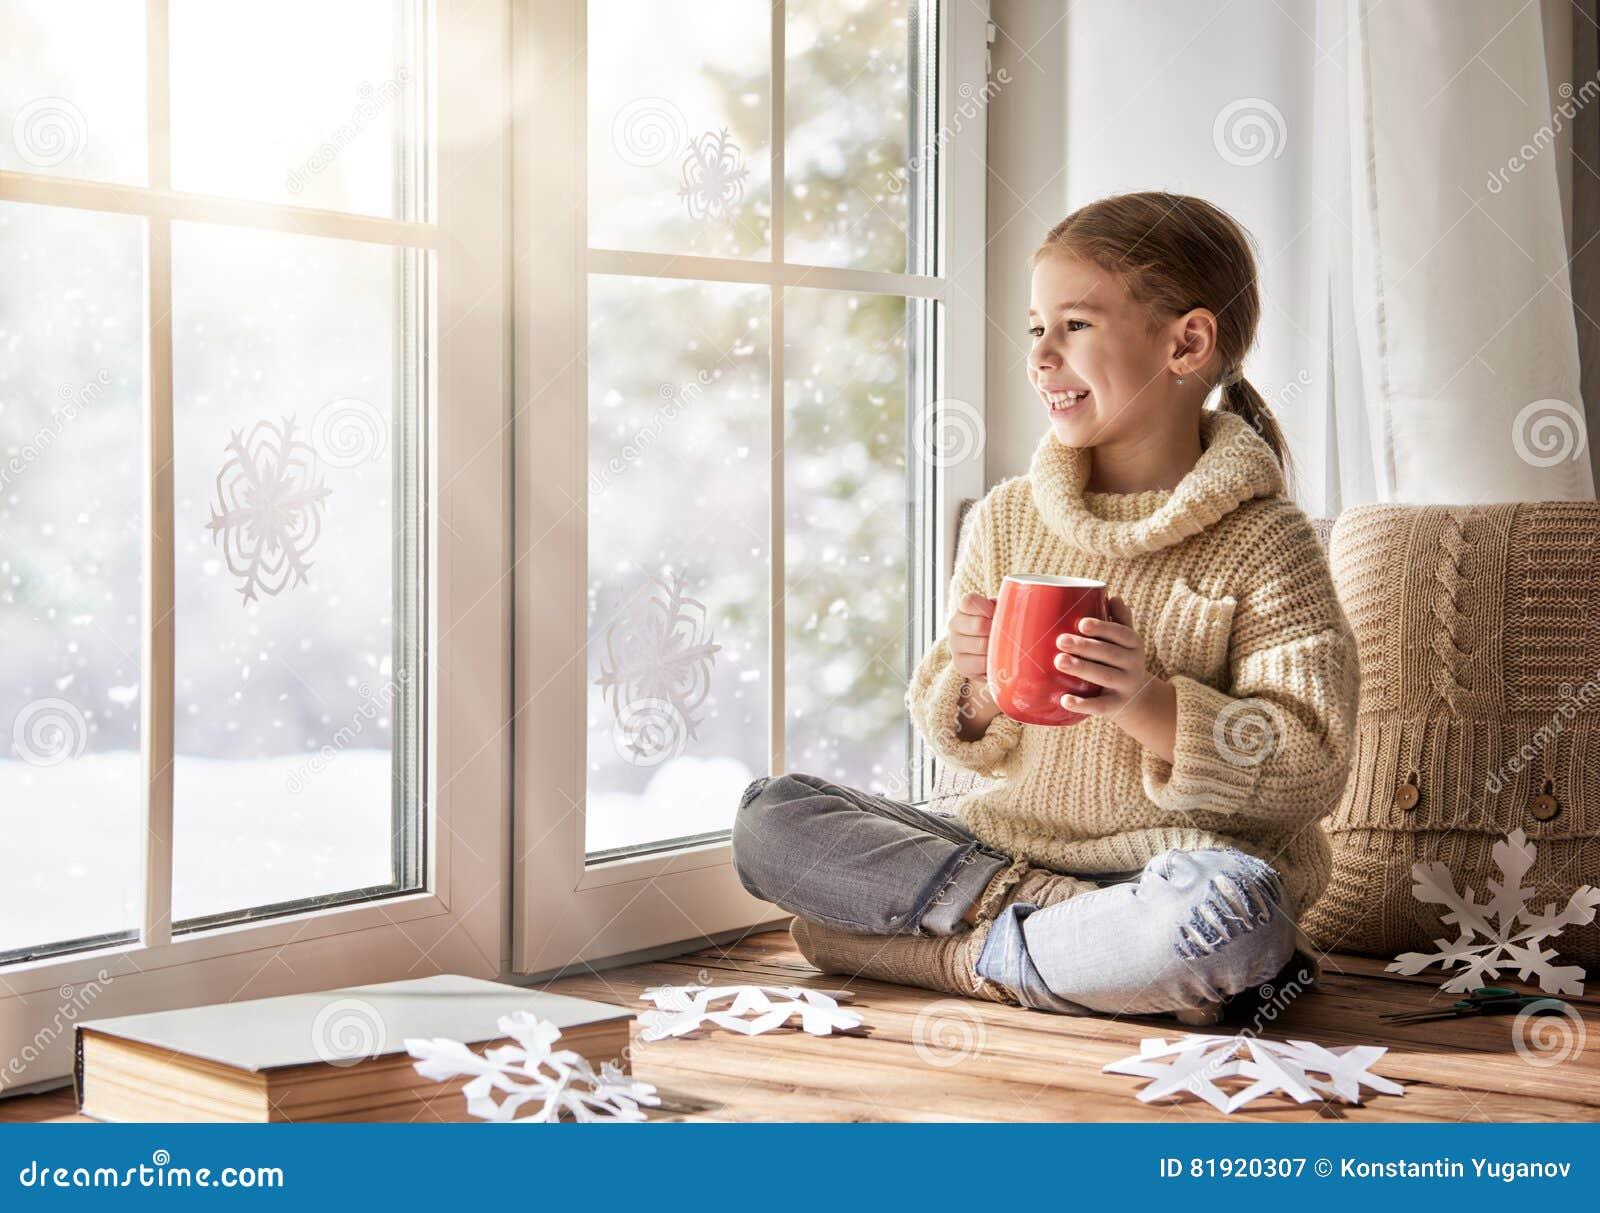 Fiocchi Di Neve Di Carta Per Bambini : Il bambino fa i fiocchi di neve di carta immagine stock immagine